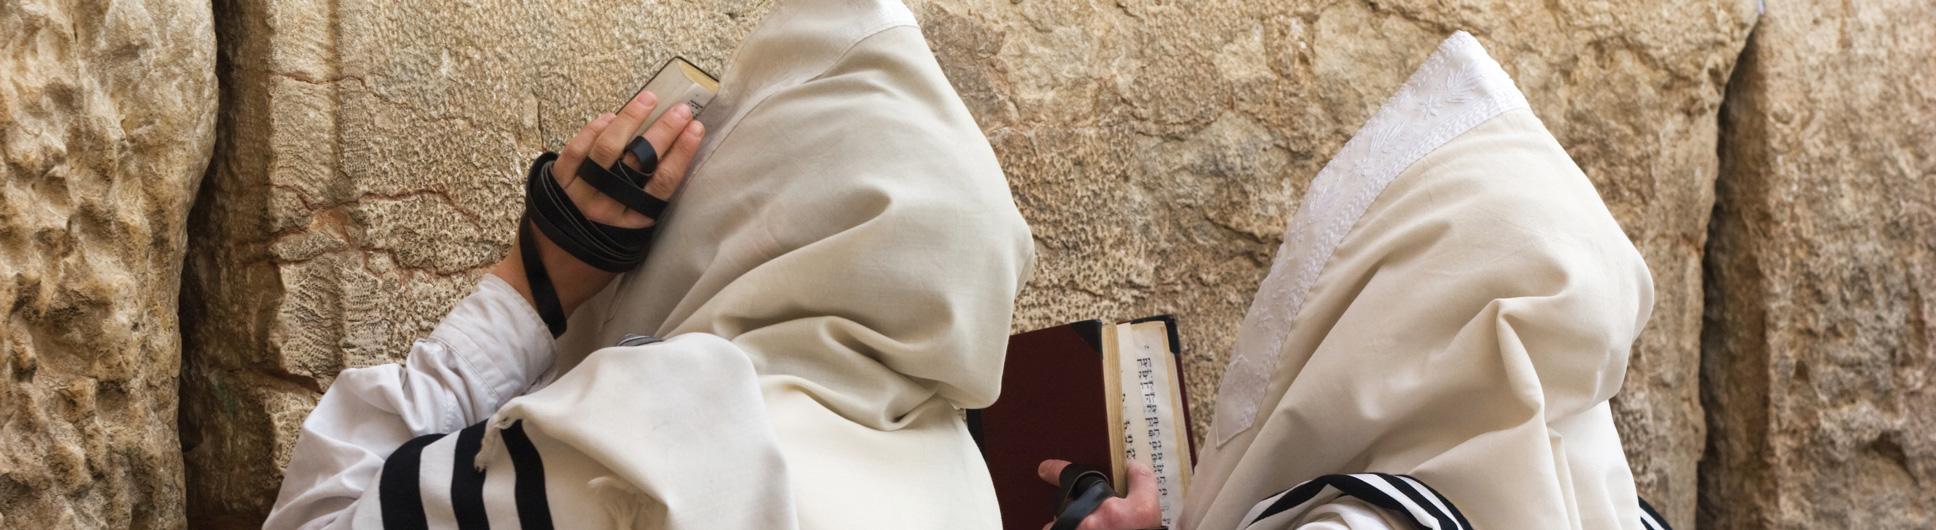 ICEJ_Orthodox-Prayer_Kotel